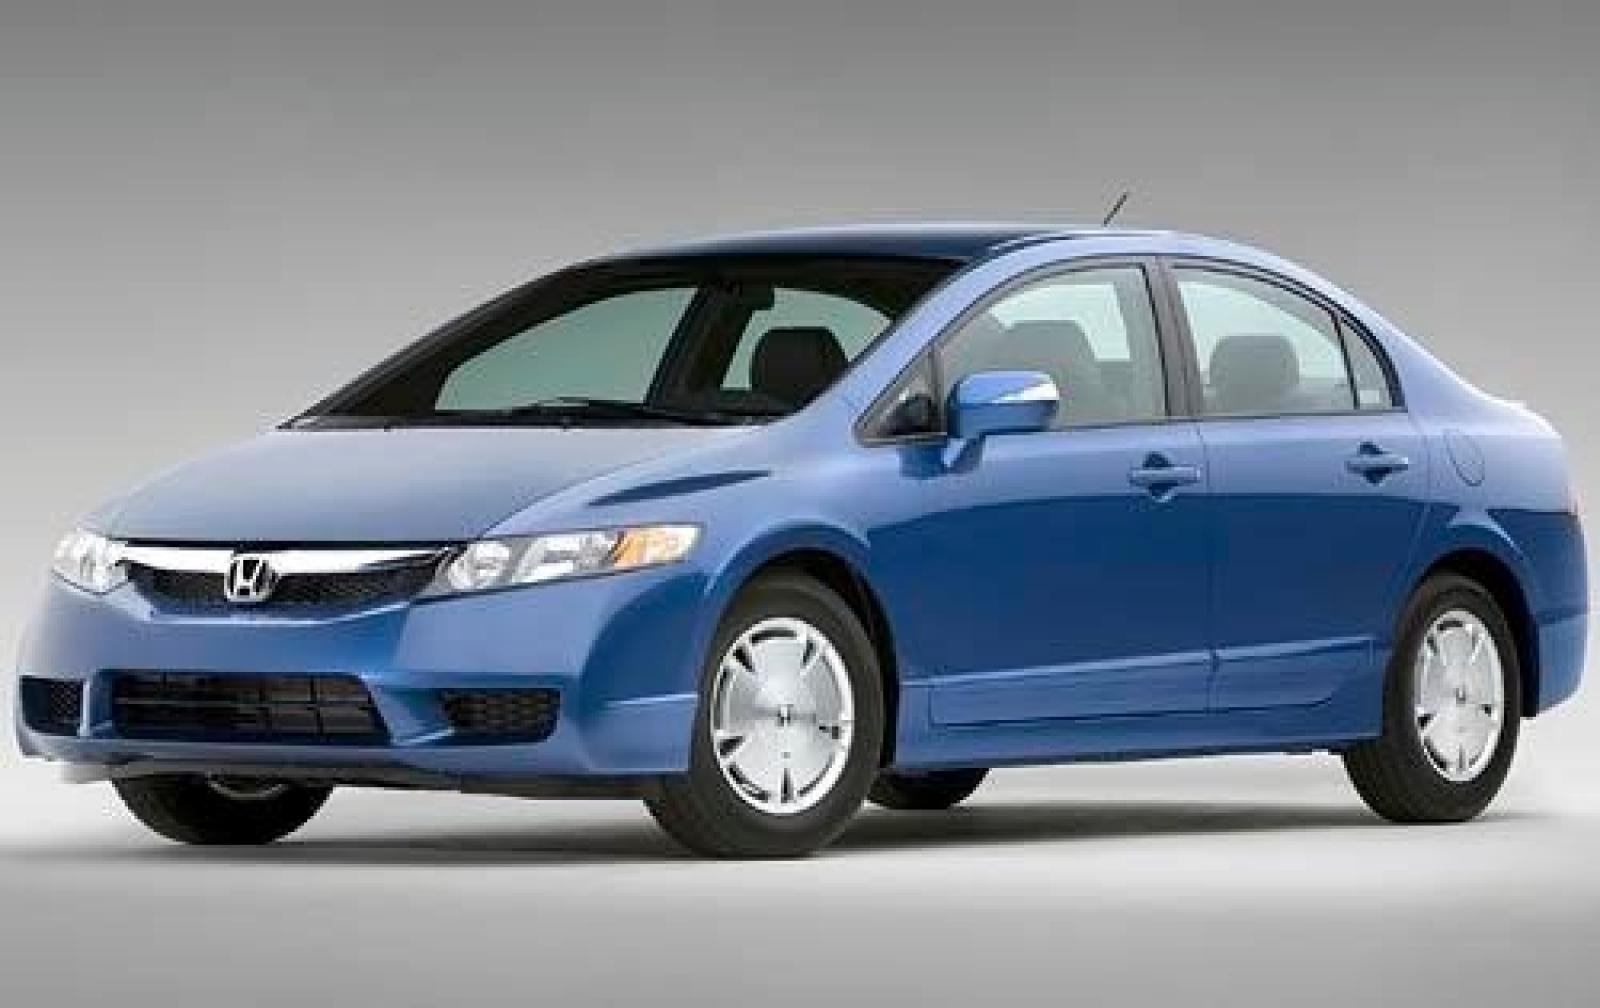 2011 Honda Civic #4